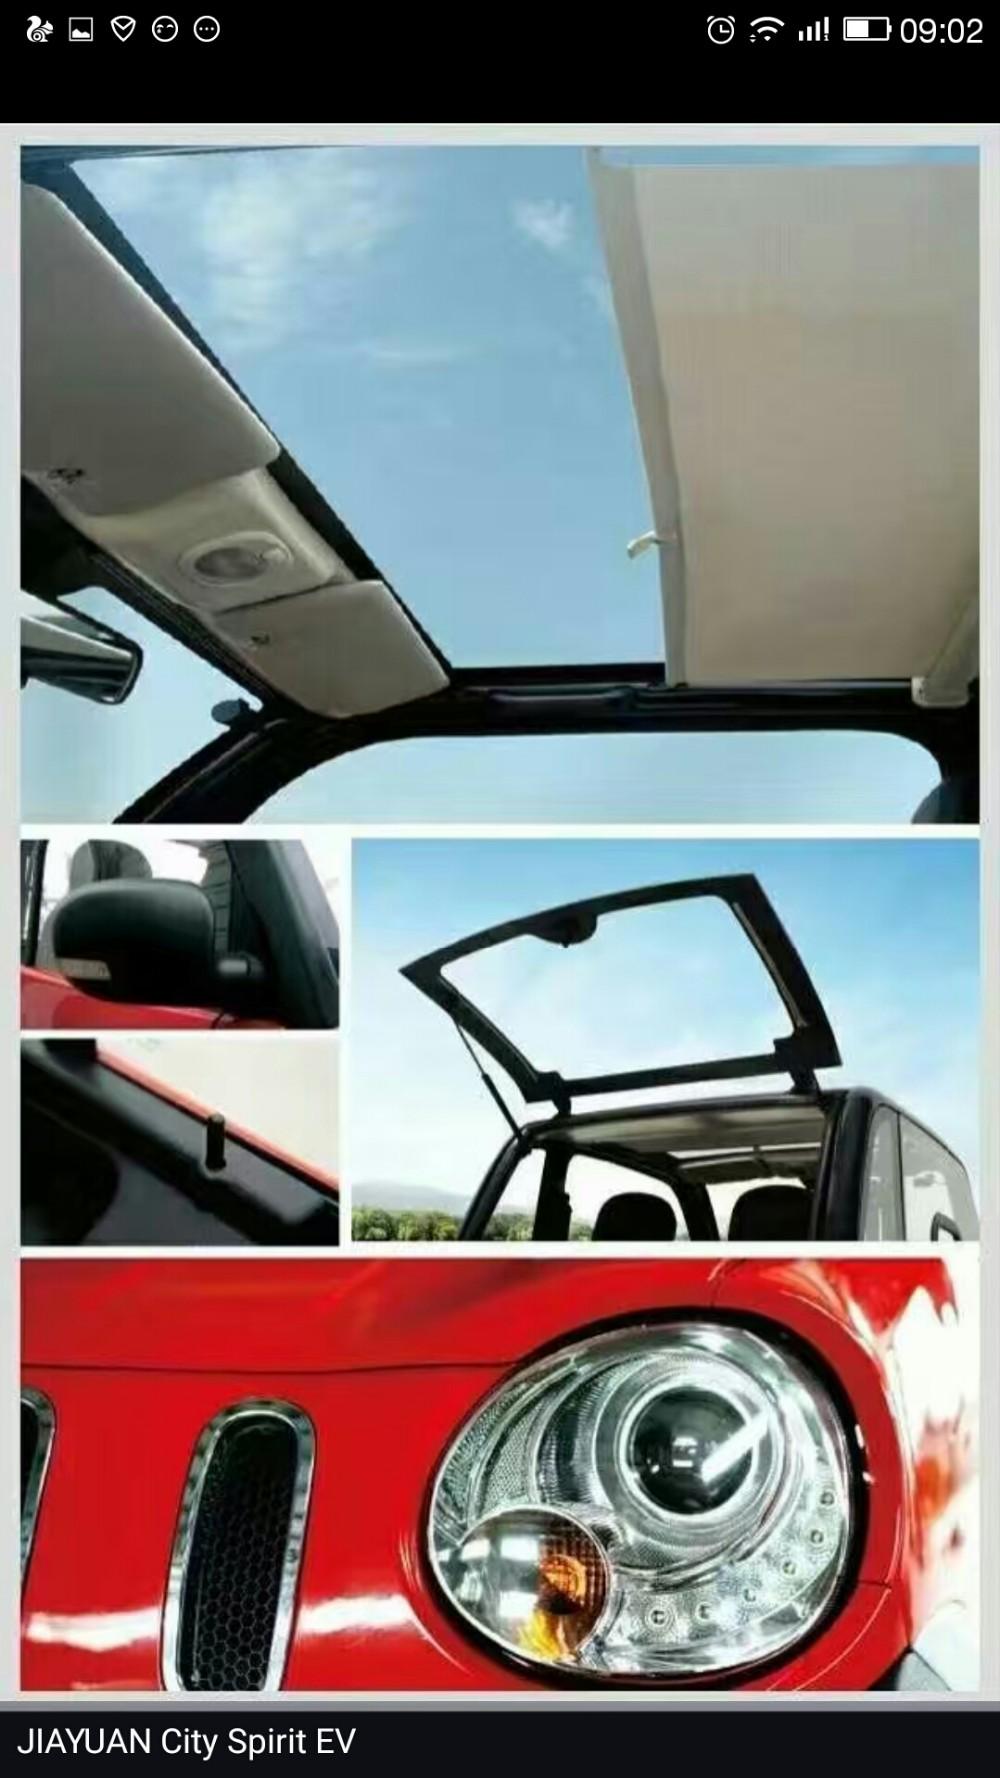 شراء سيارة من الصين 2 مقاعد السيارة الكهربائية مع Srs اليسار سيارات